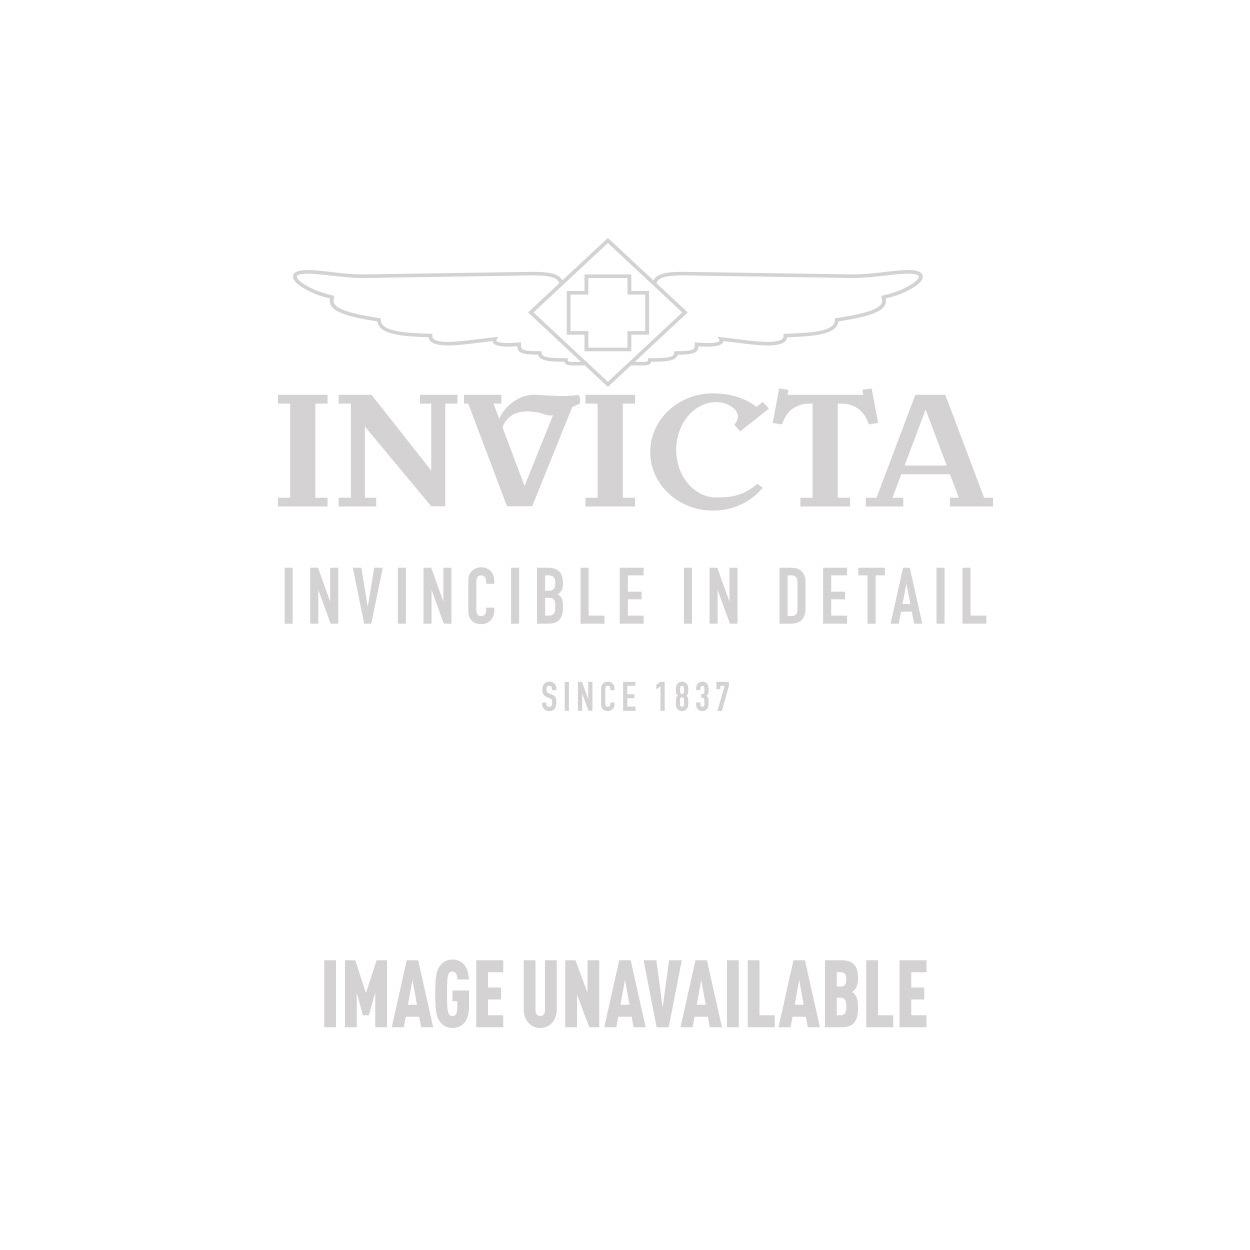 Invicta Model 24651